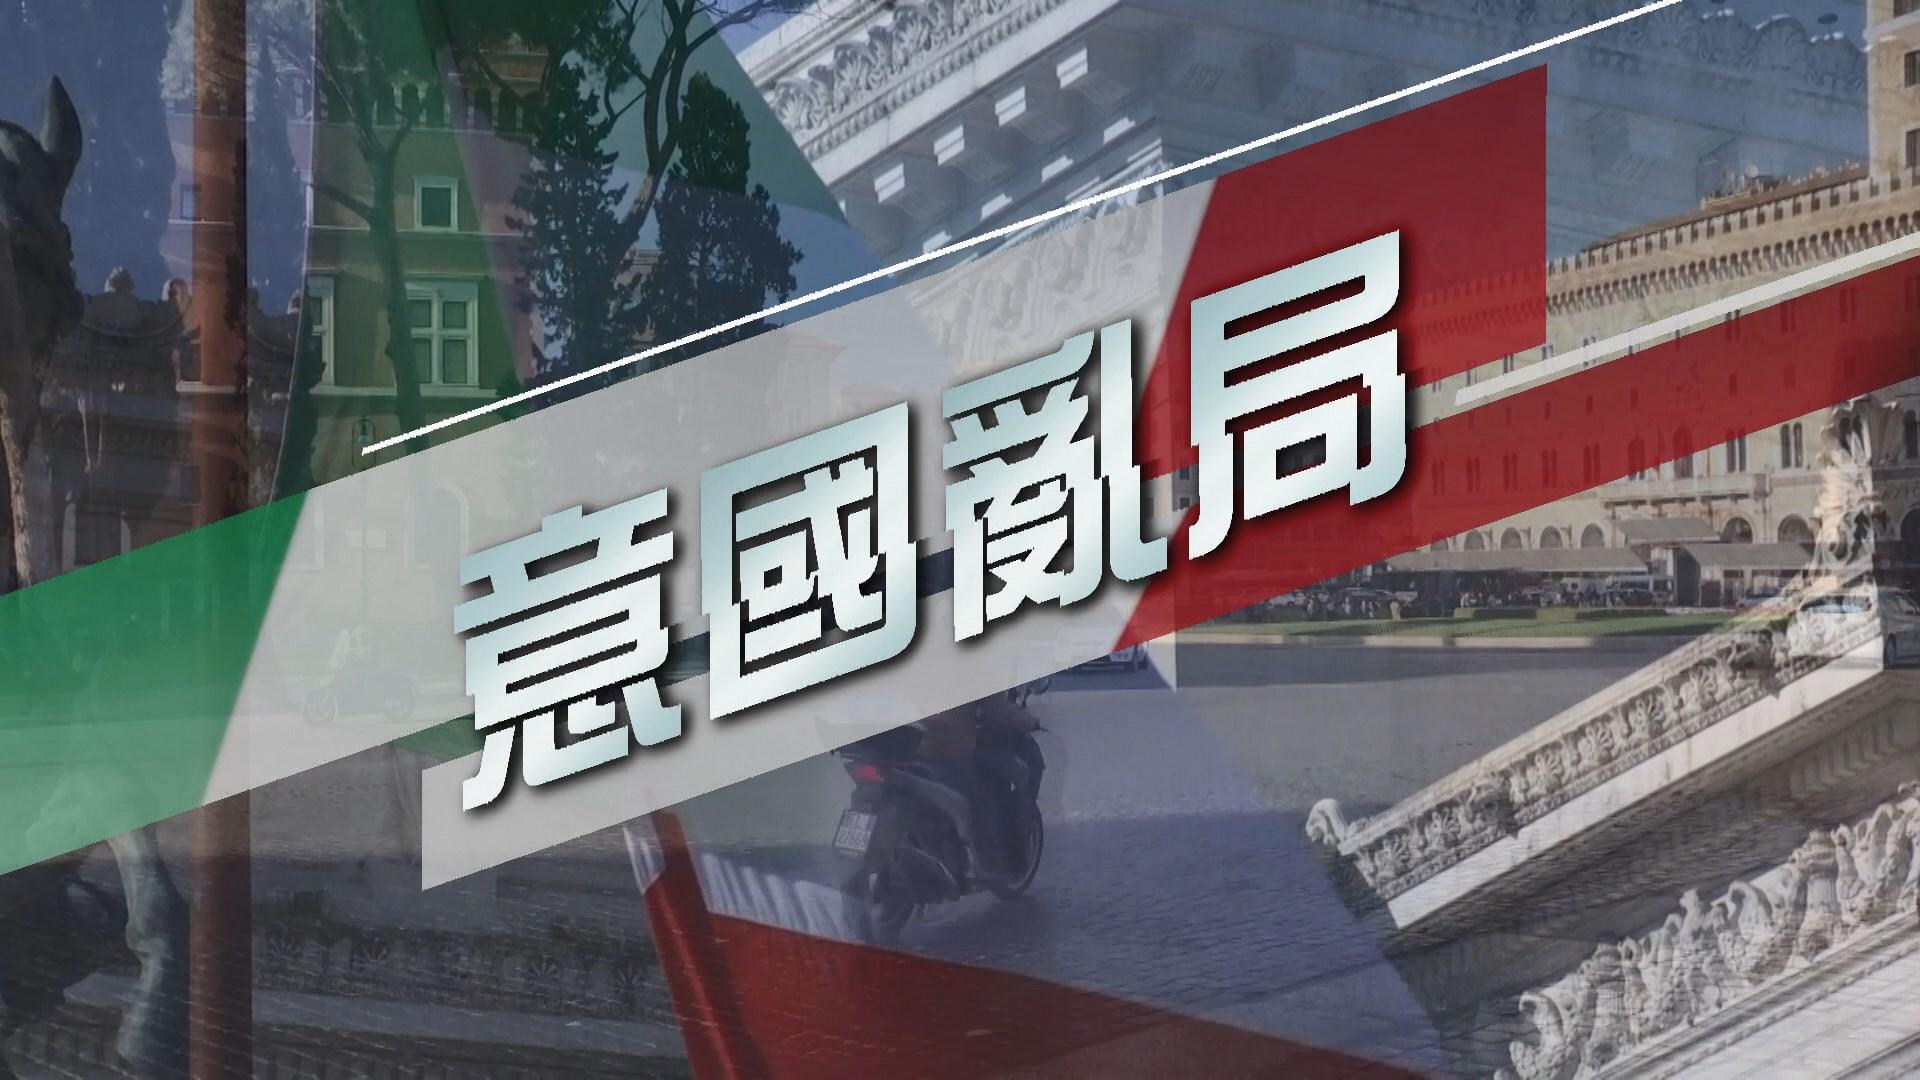 【新聞智庫】意國亂局 重新大選是唯一出路?